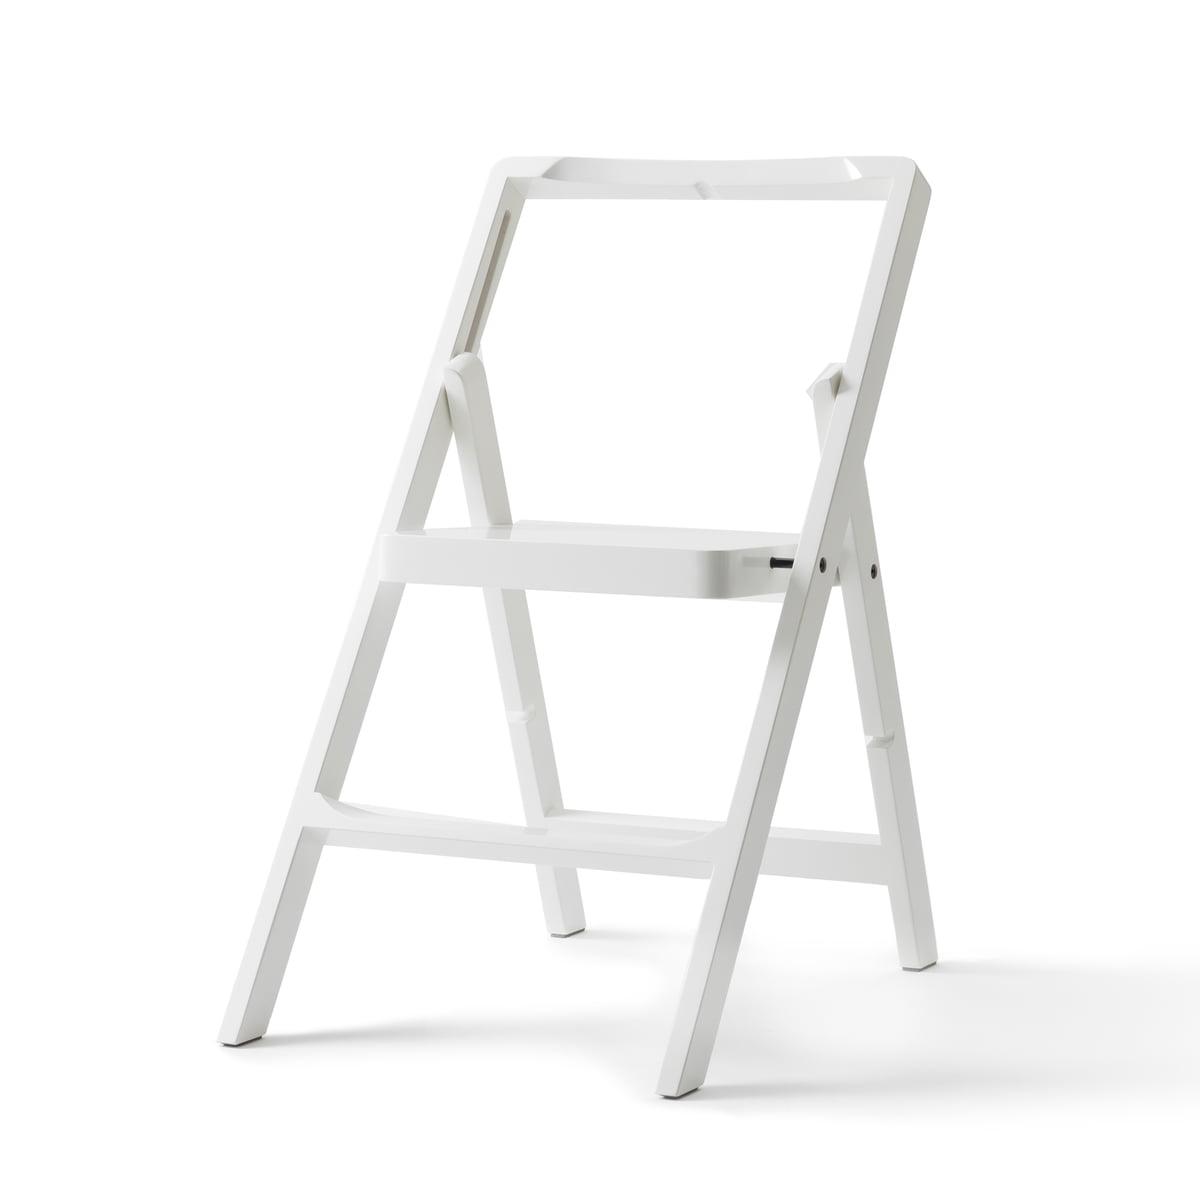 Klappstuhl design  Step Mini Trittleiter und Klappstuhl Design